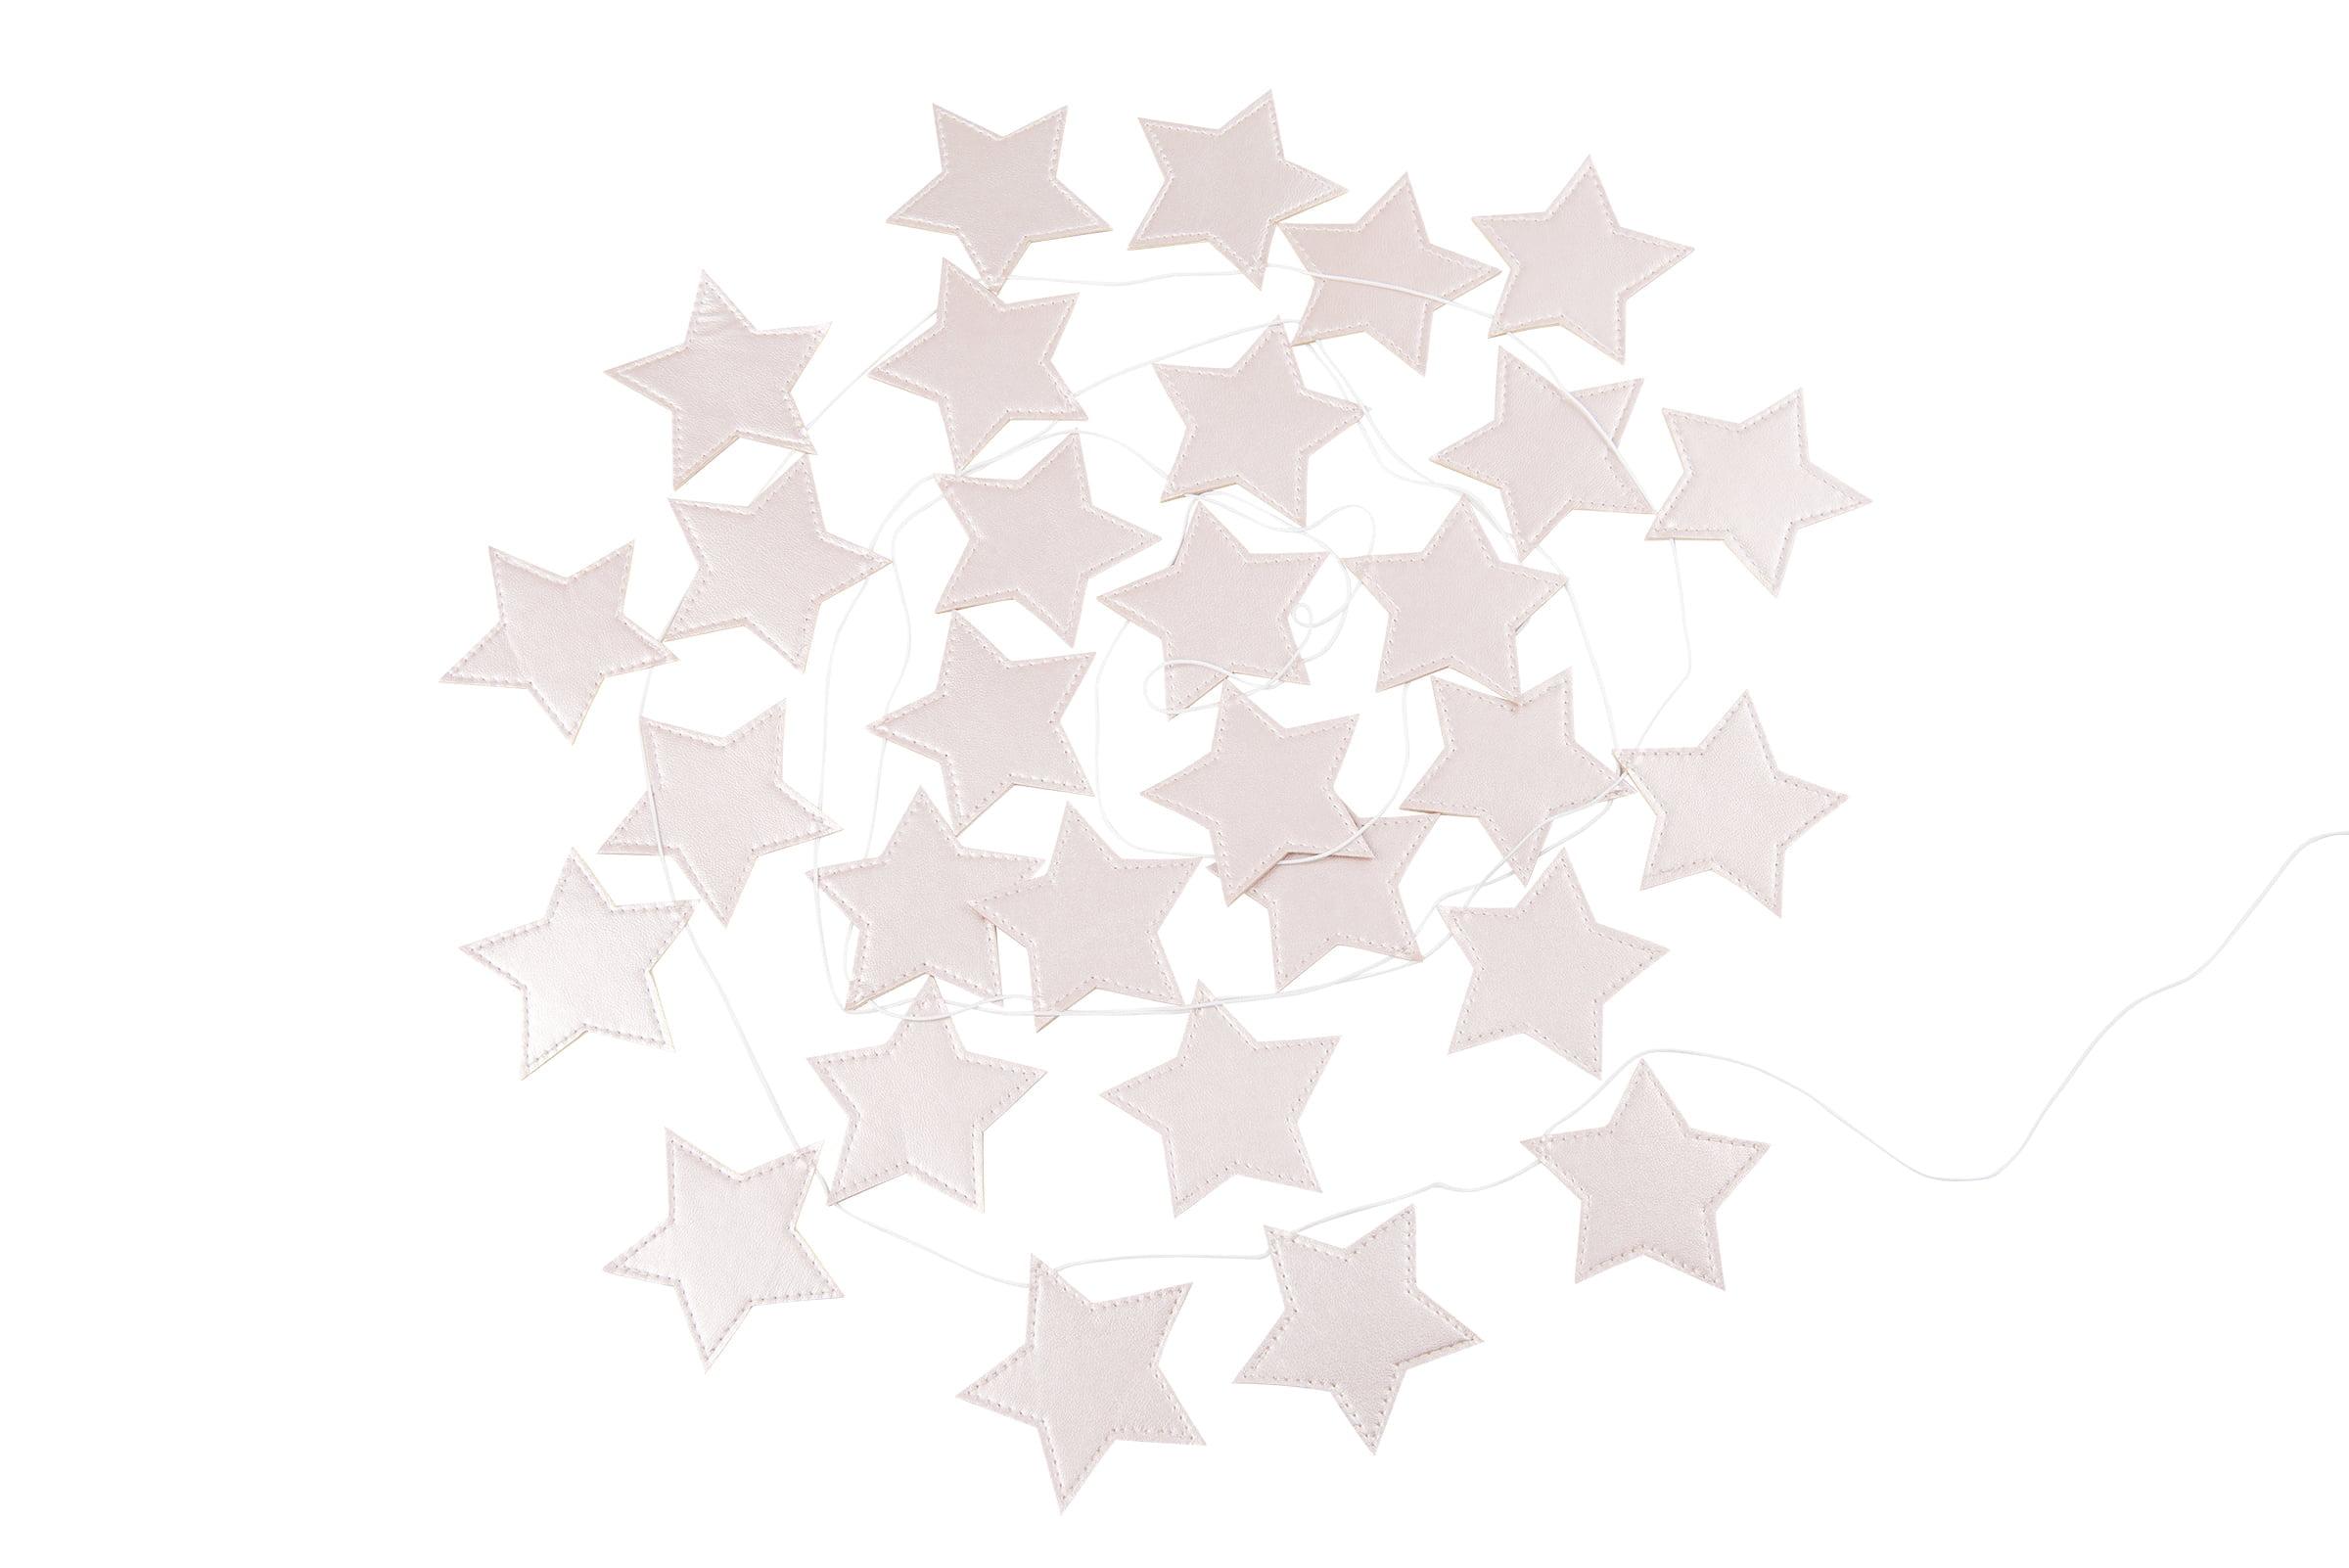 girlanda-hviezdy-ruzova-dadaboom-sk